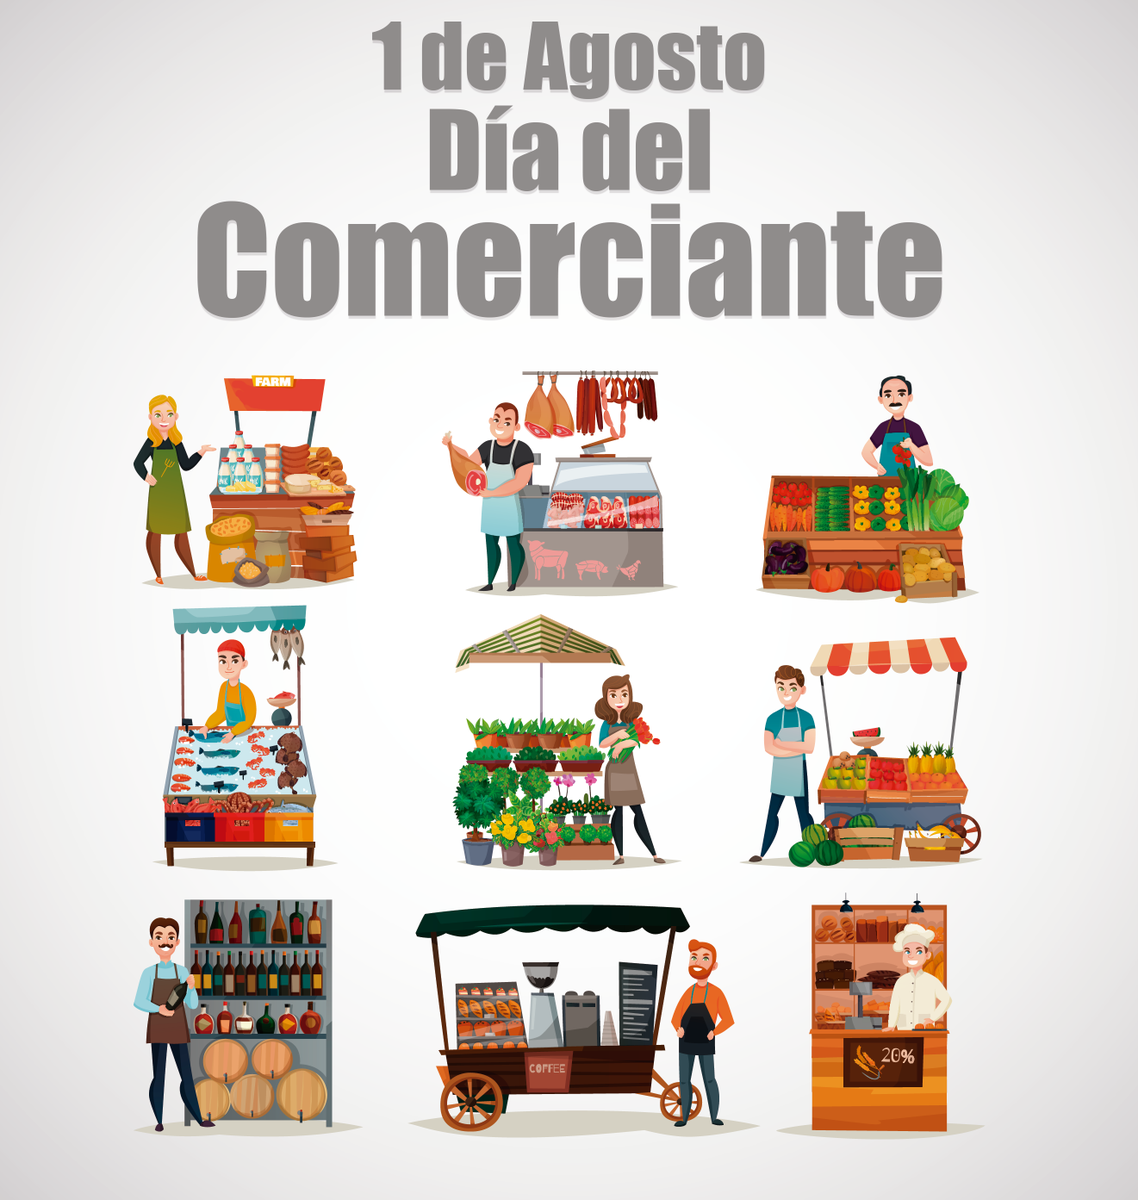 Una de las actividades que mas empuje tiene y sostiene la economía de Colima es el comercio.  ¡Feliz Día del Comerciante!  A todos mis amigos comerciantes. https://t.co/s9GRBMQzyA